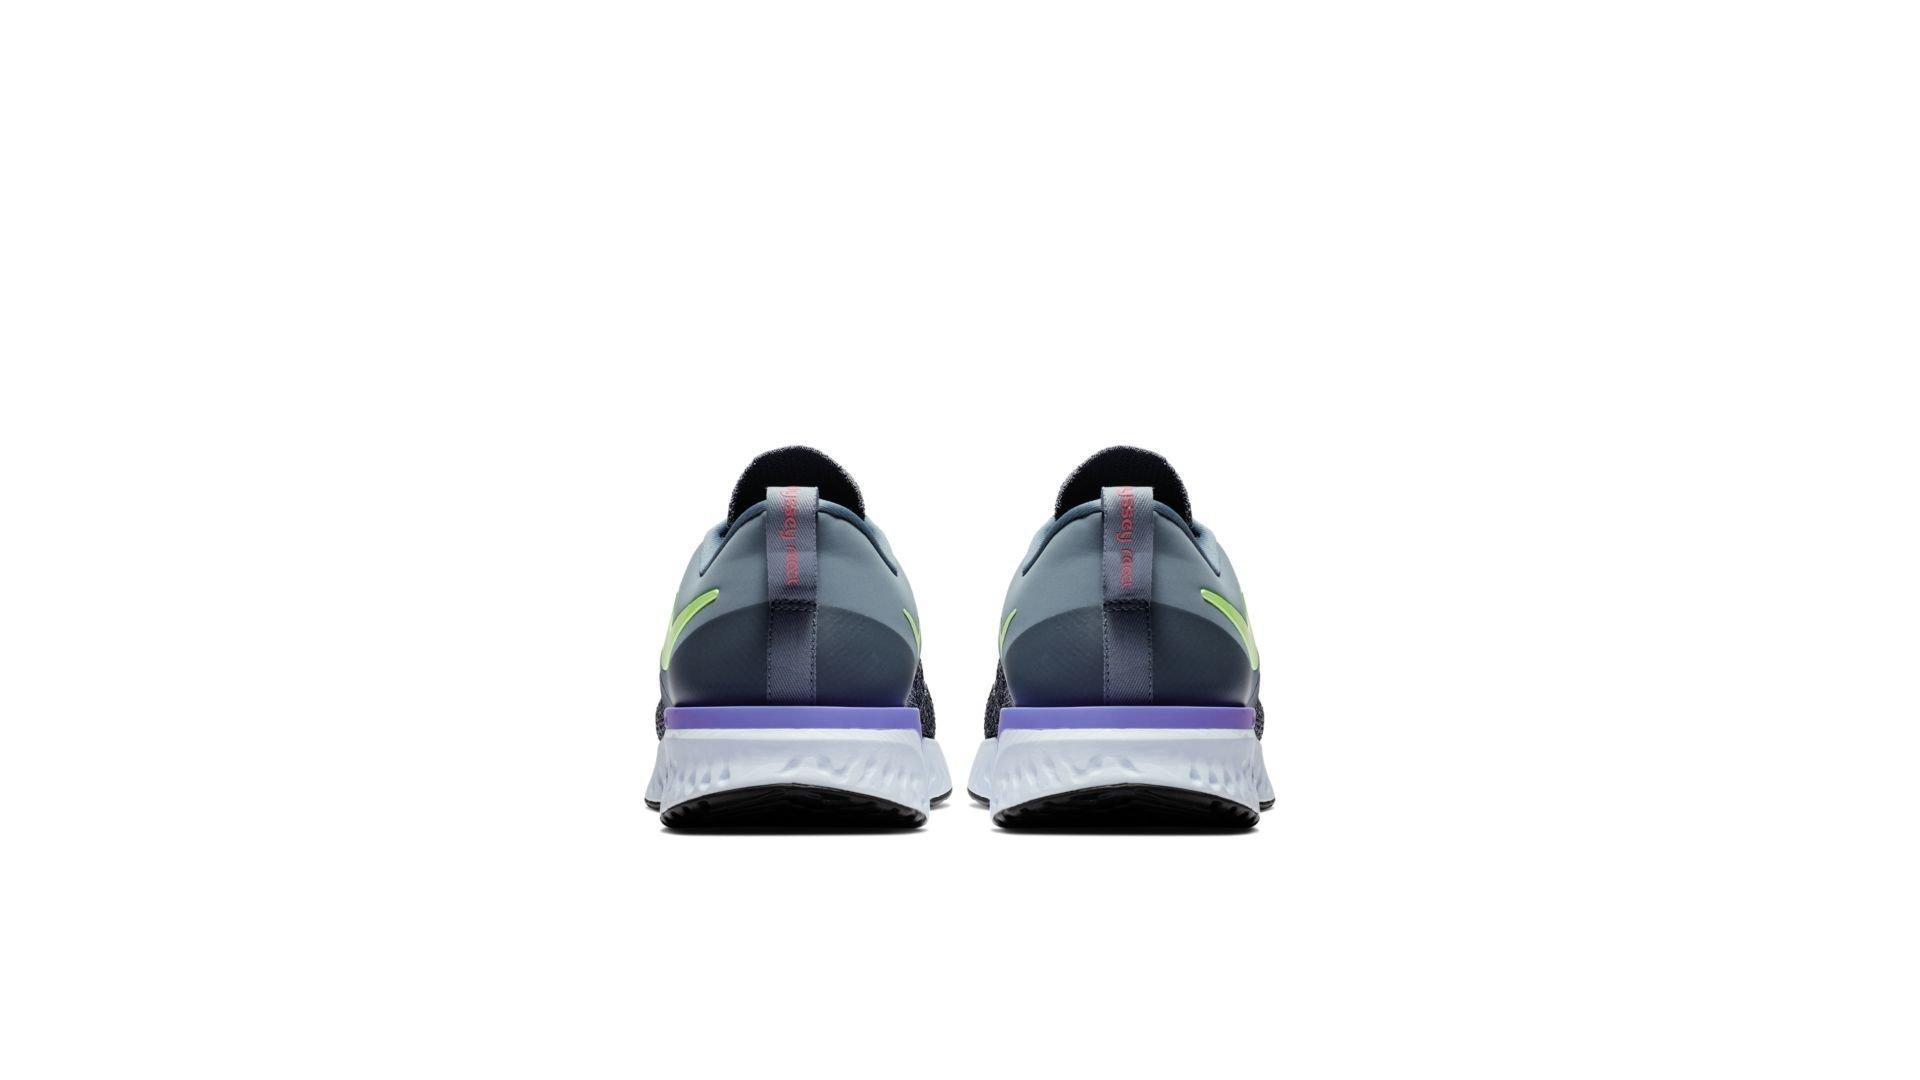 Nike Odyssey React 2 Flyknit Hydrogen Blue Lime Blast (AH1015-401)